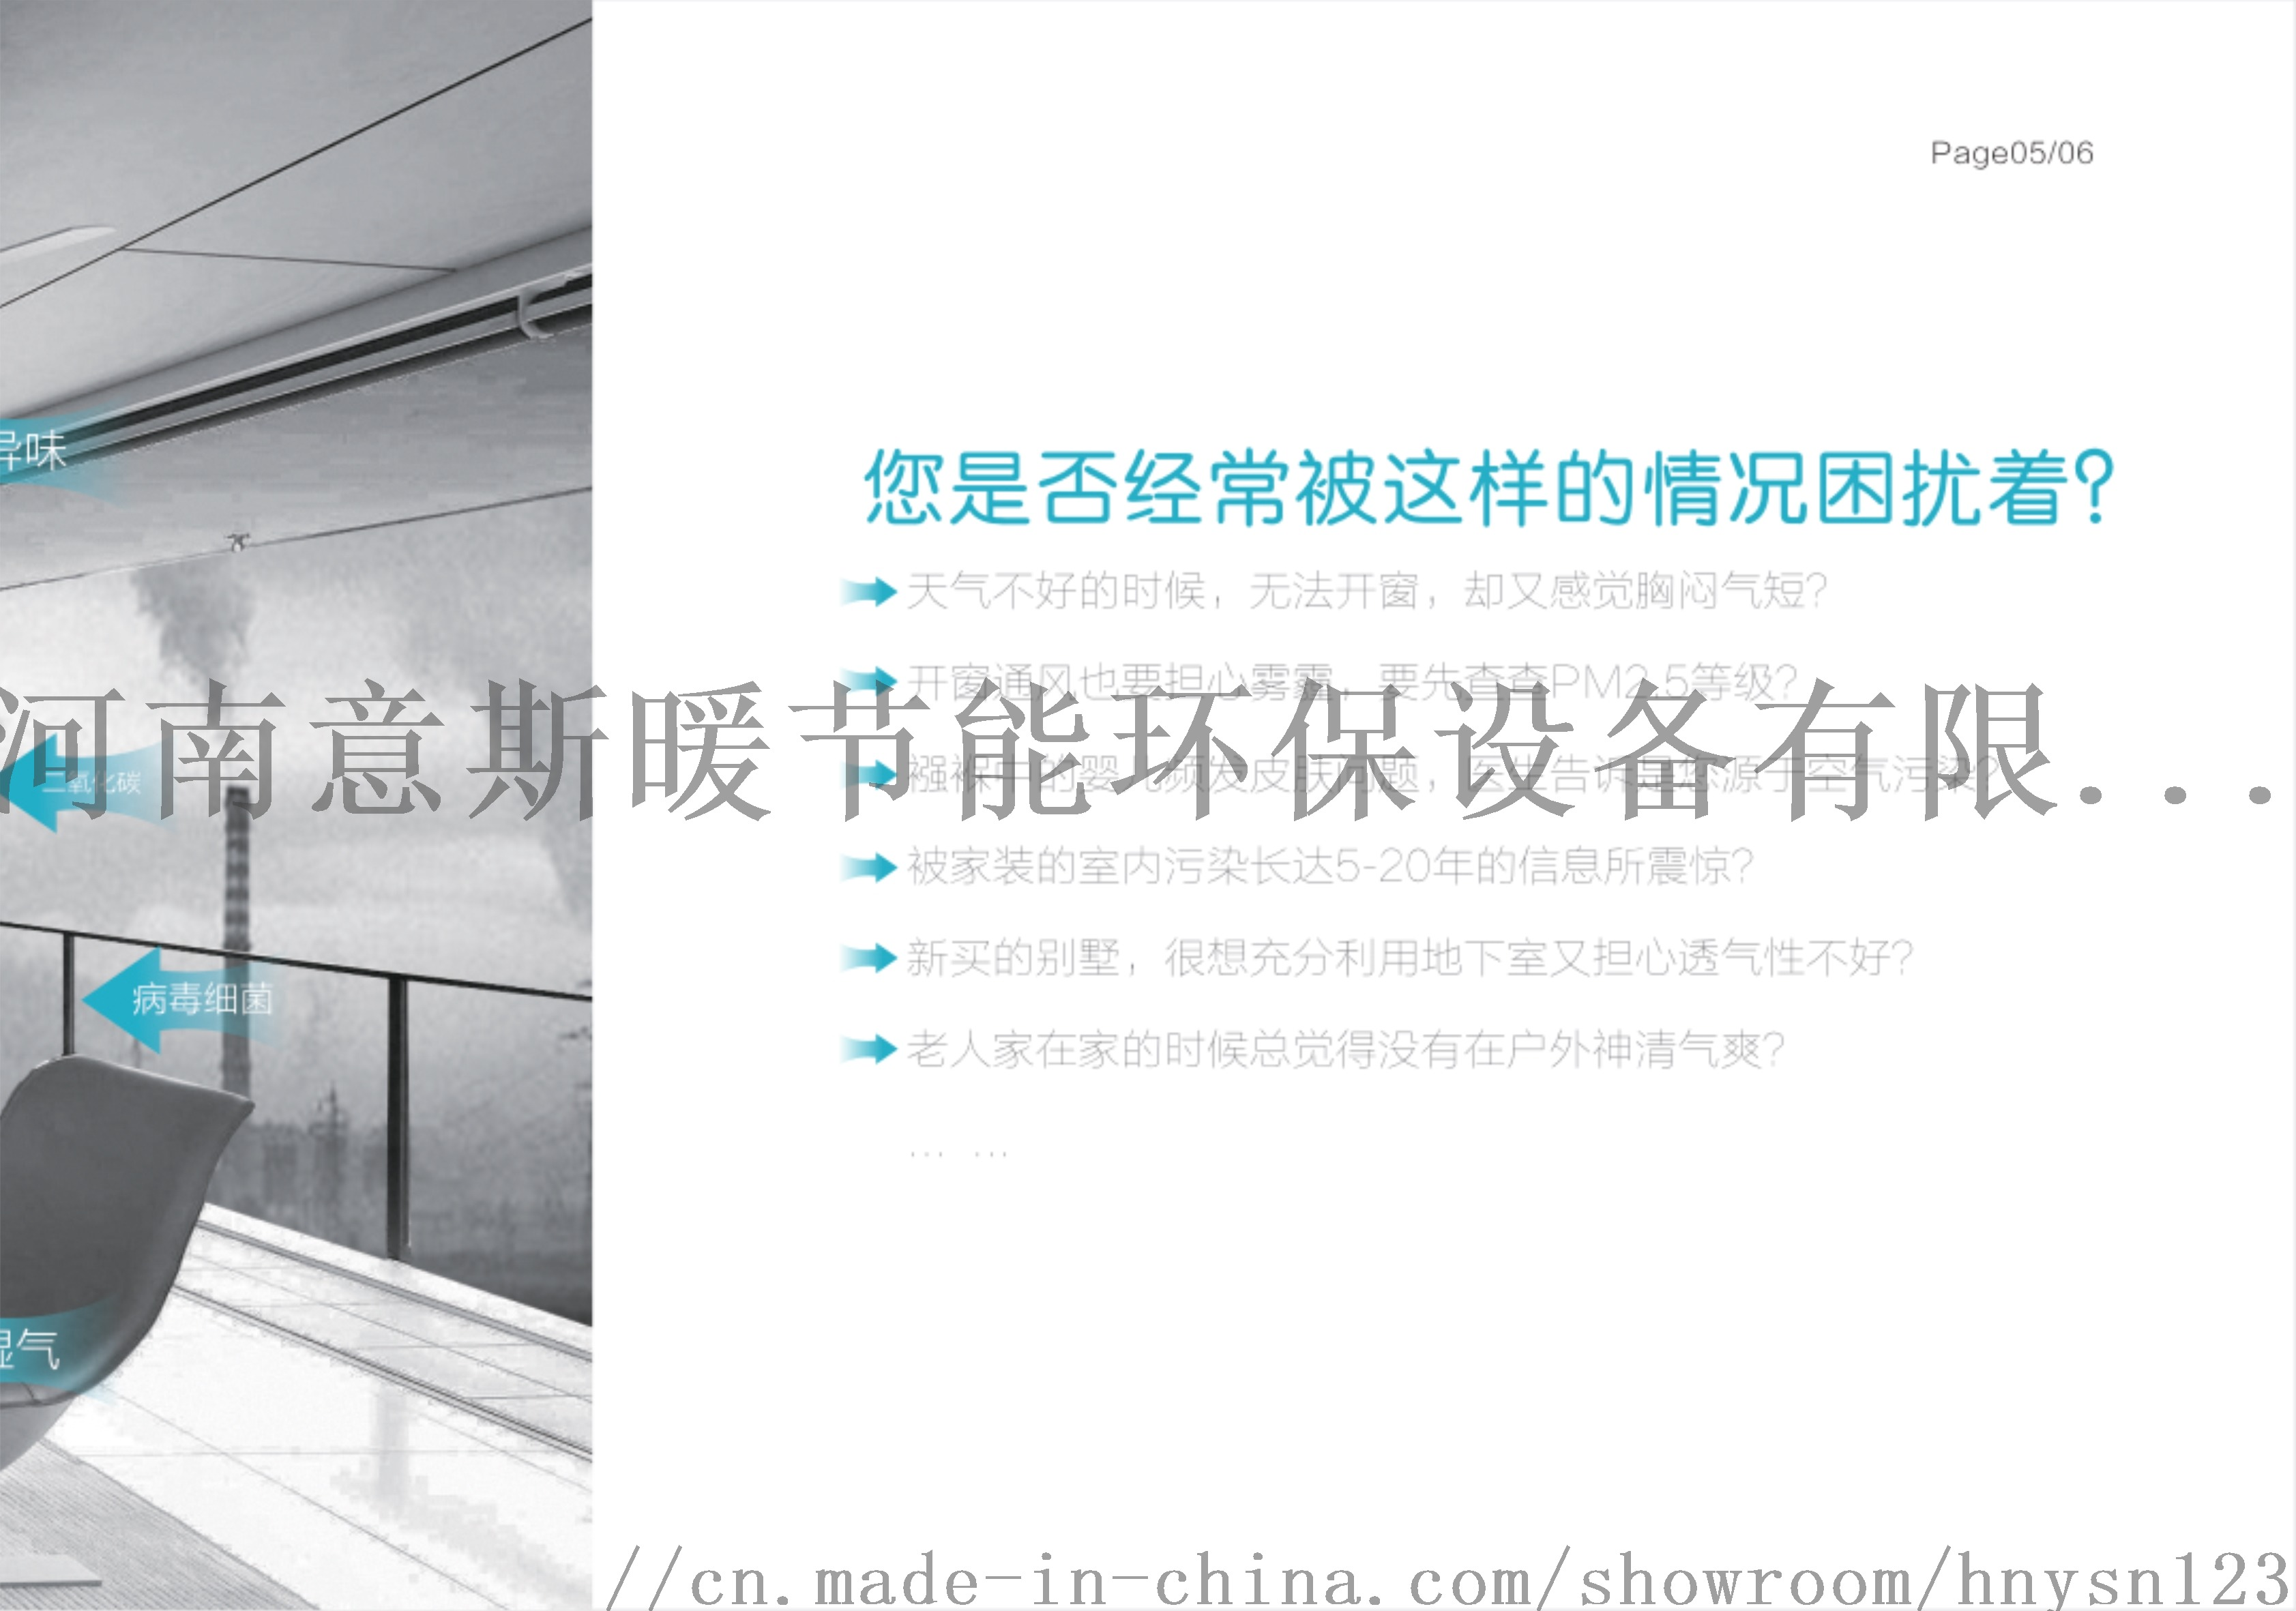 鄭州新風系統廠家萊斯·克韋爾全國區域招商中105471685